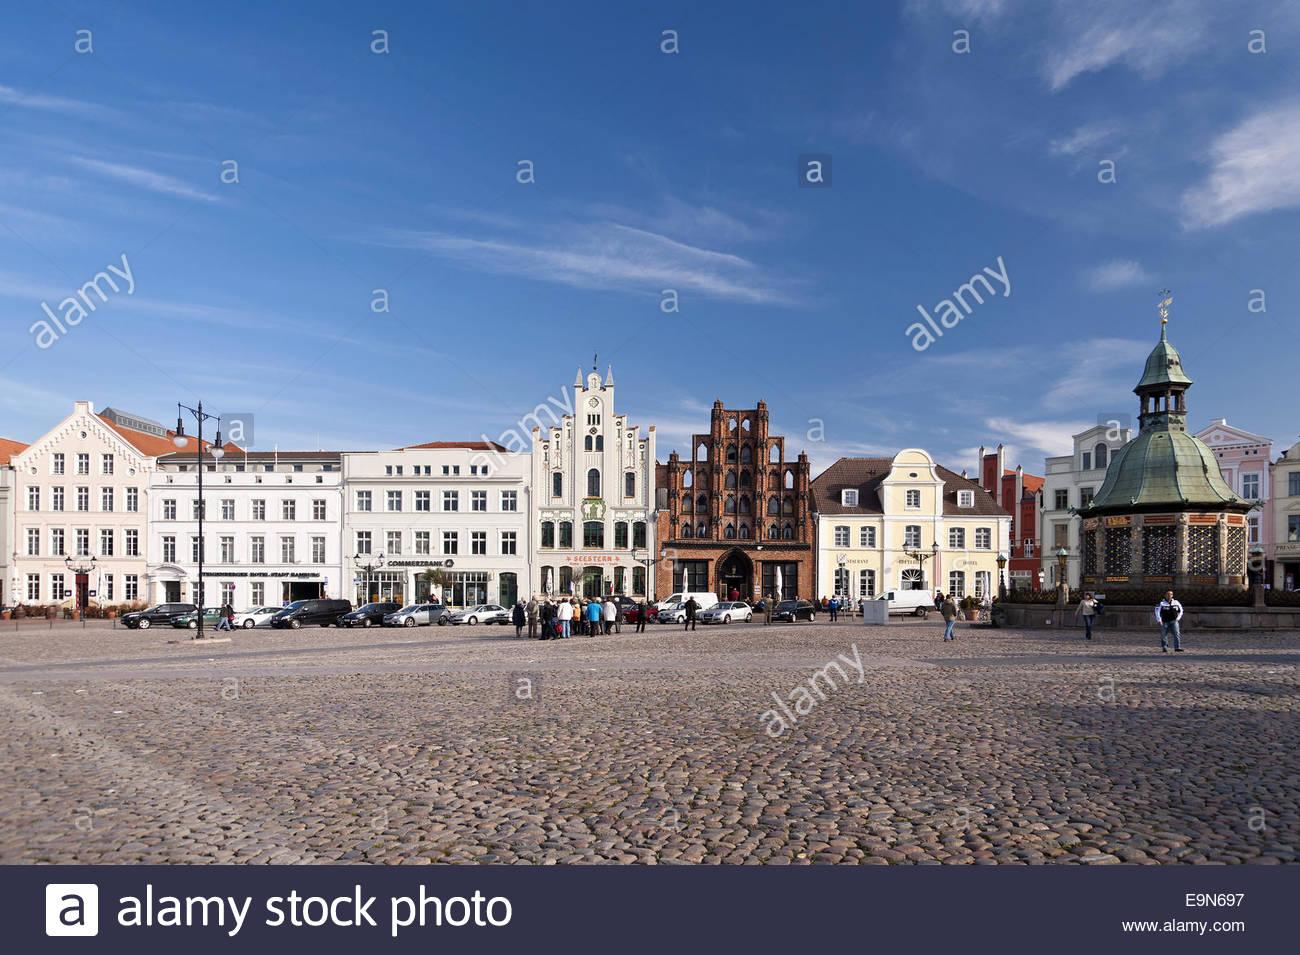 Building in Wismar - Stock Image